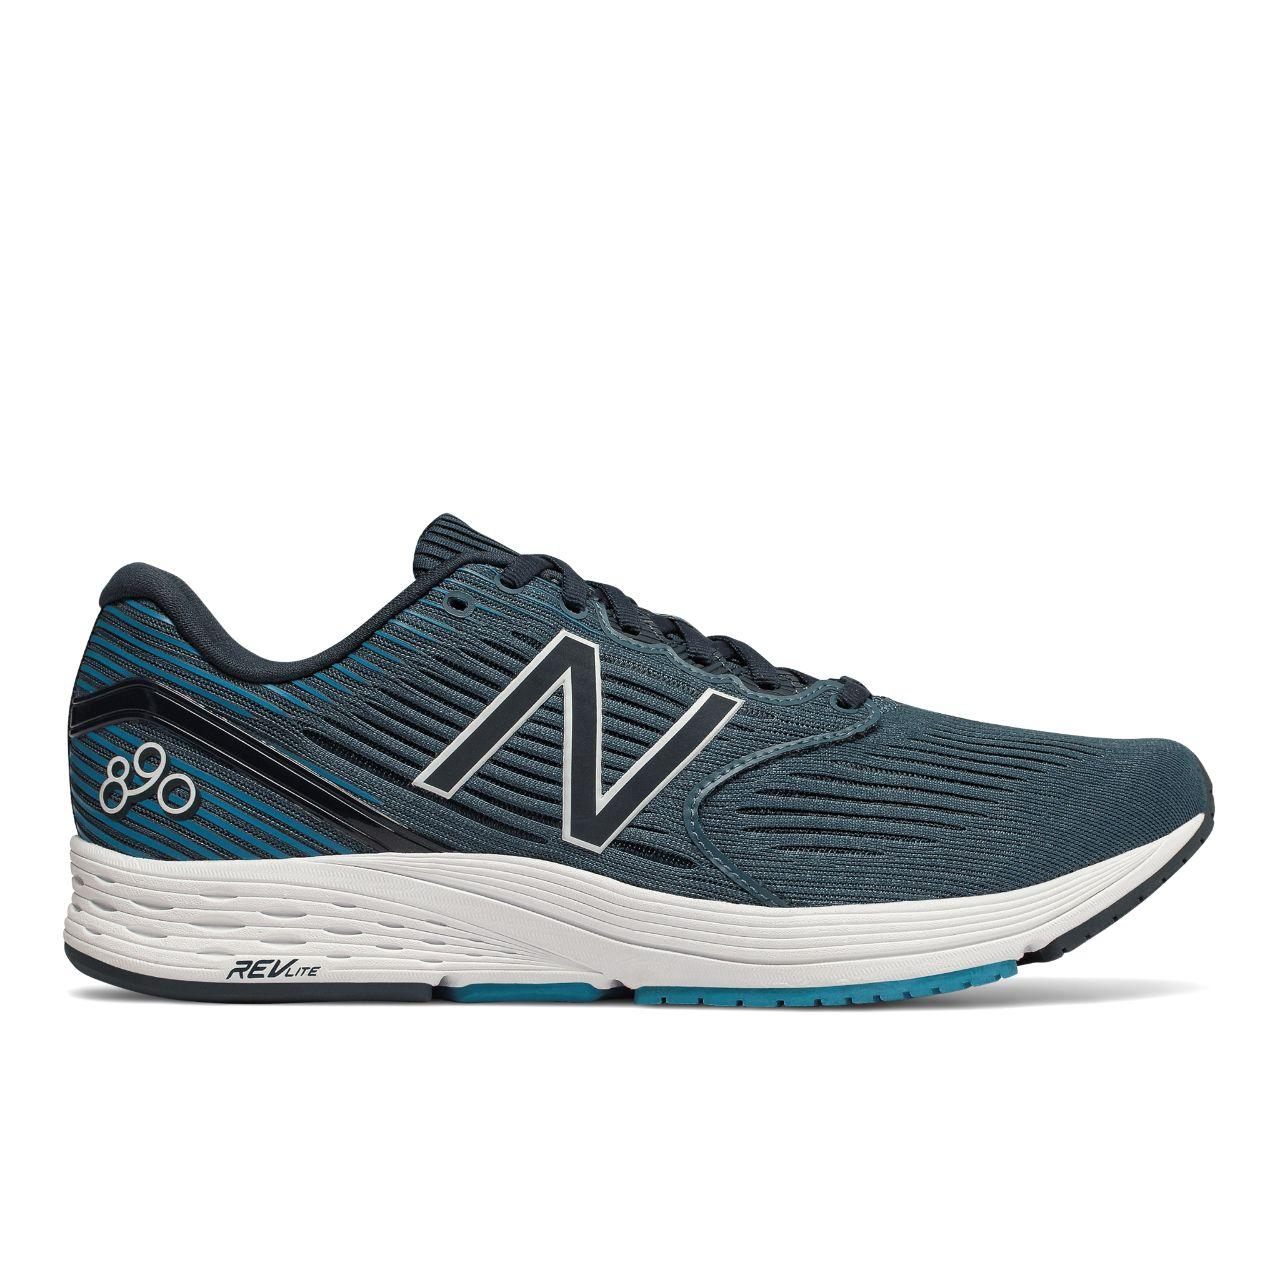 New Balance 890v6 in Blau Grau